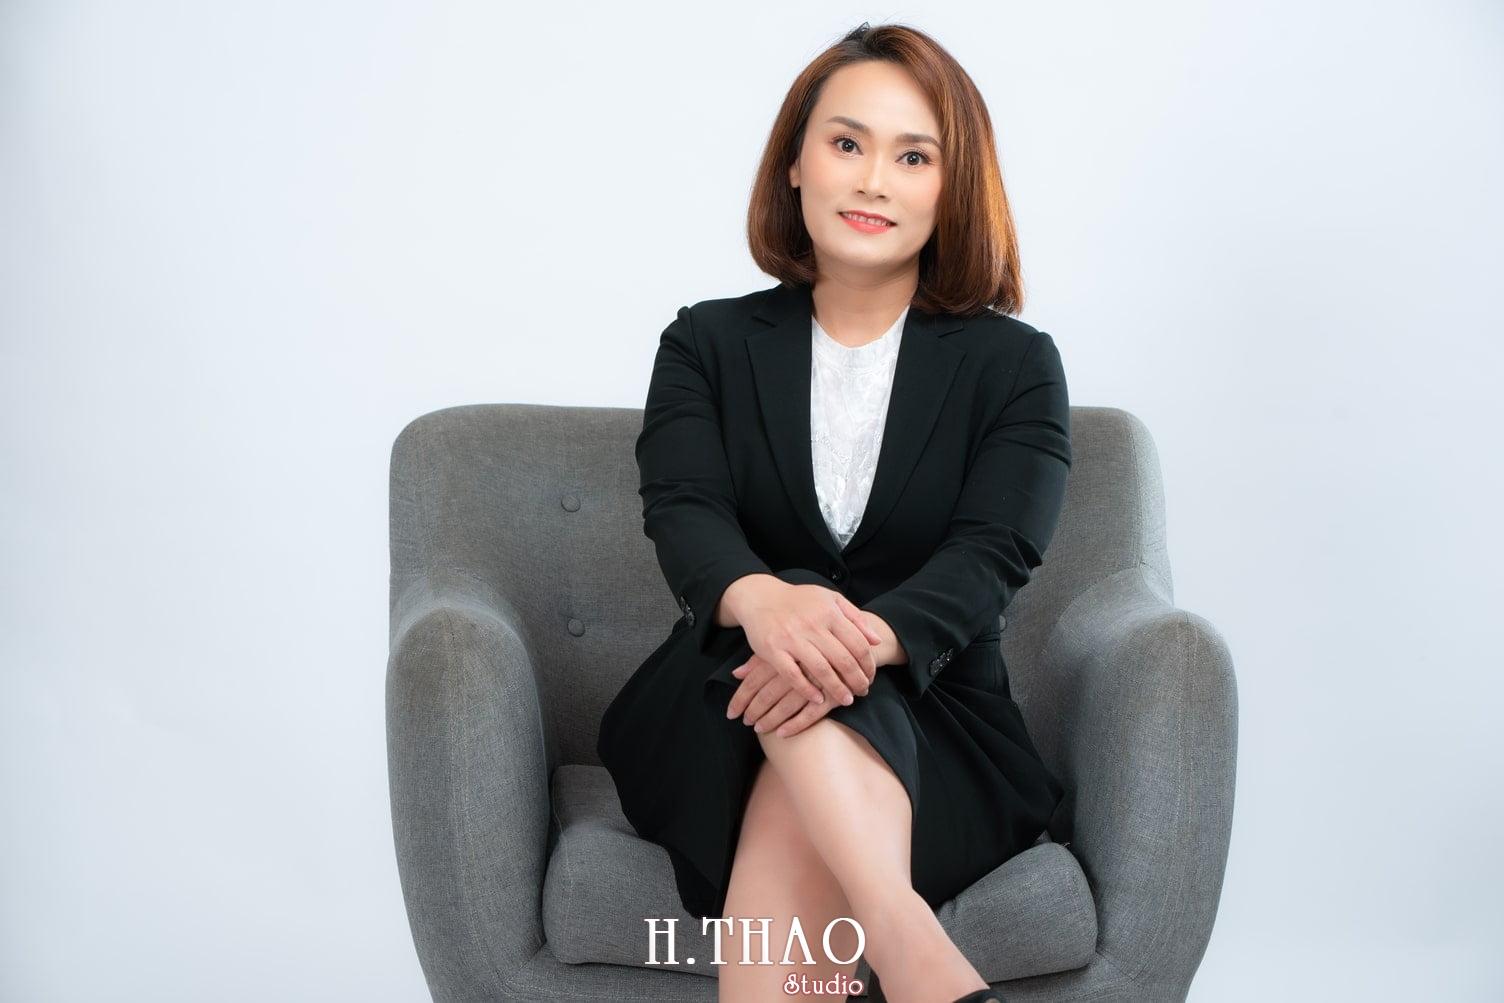 Chi Kim 4 - Album ảnh doanh nhân nữ: chị Kim đẹp nhẹ nhàng - HThao Studio